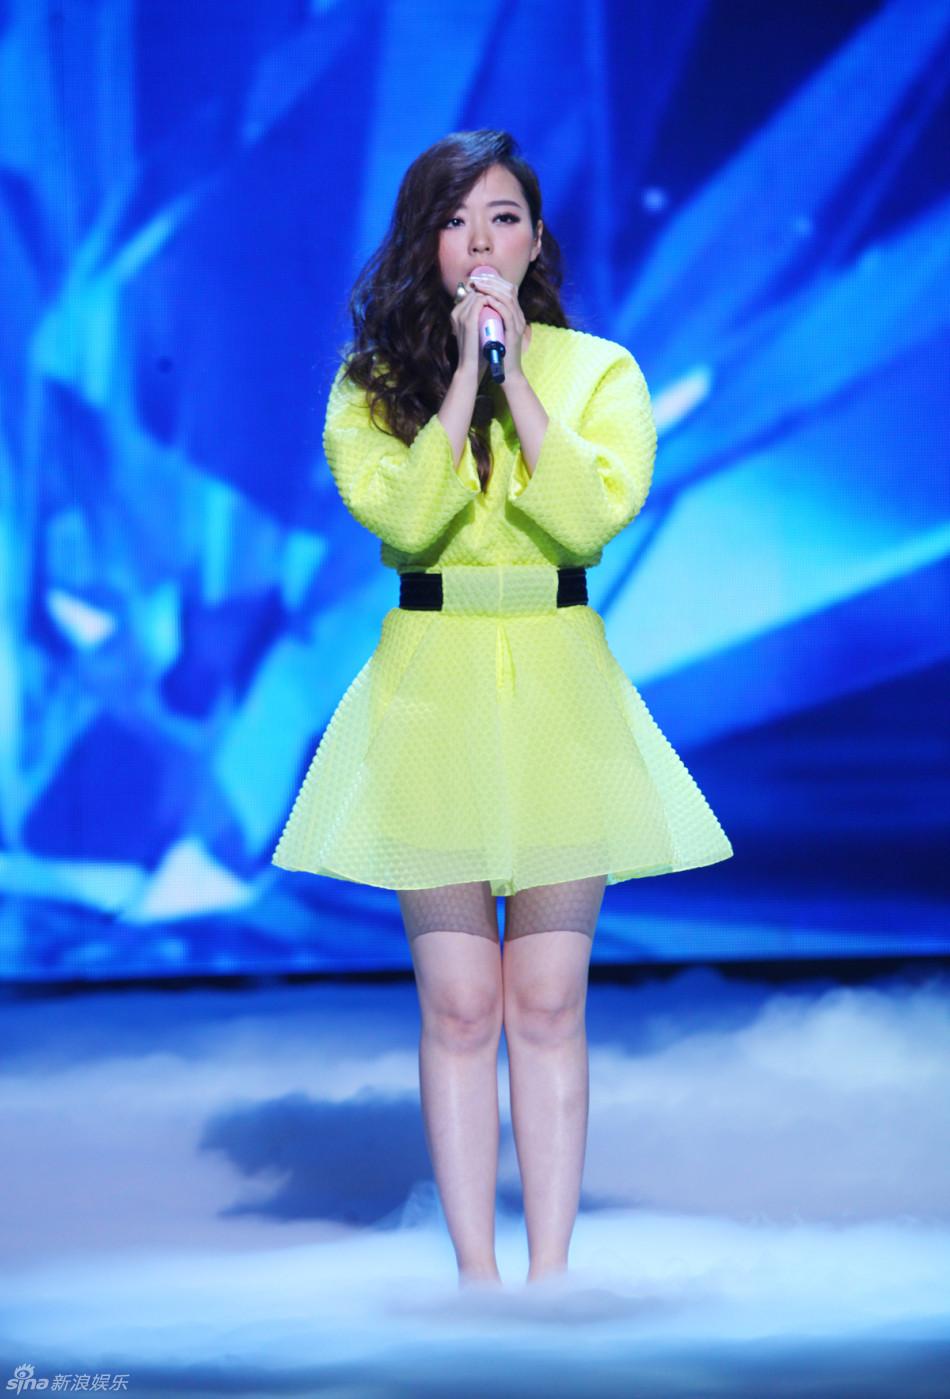 组图 张靓颖穿清新小绿裙现身 为中韩歌会献唱